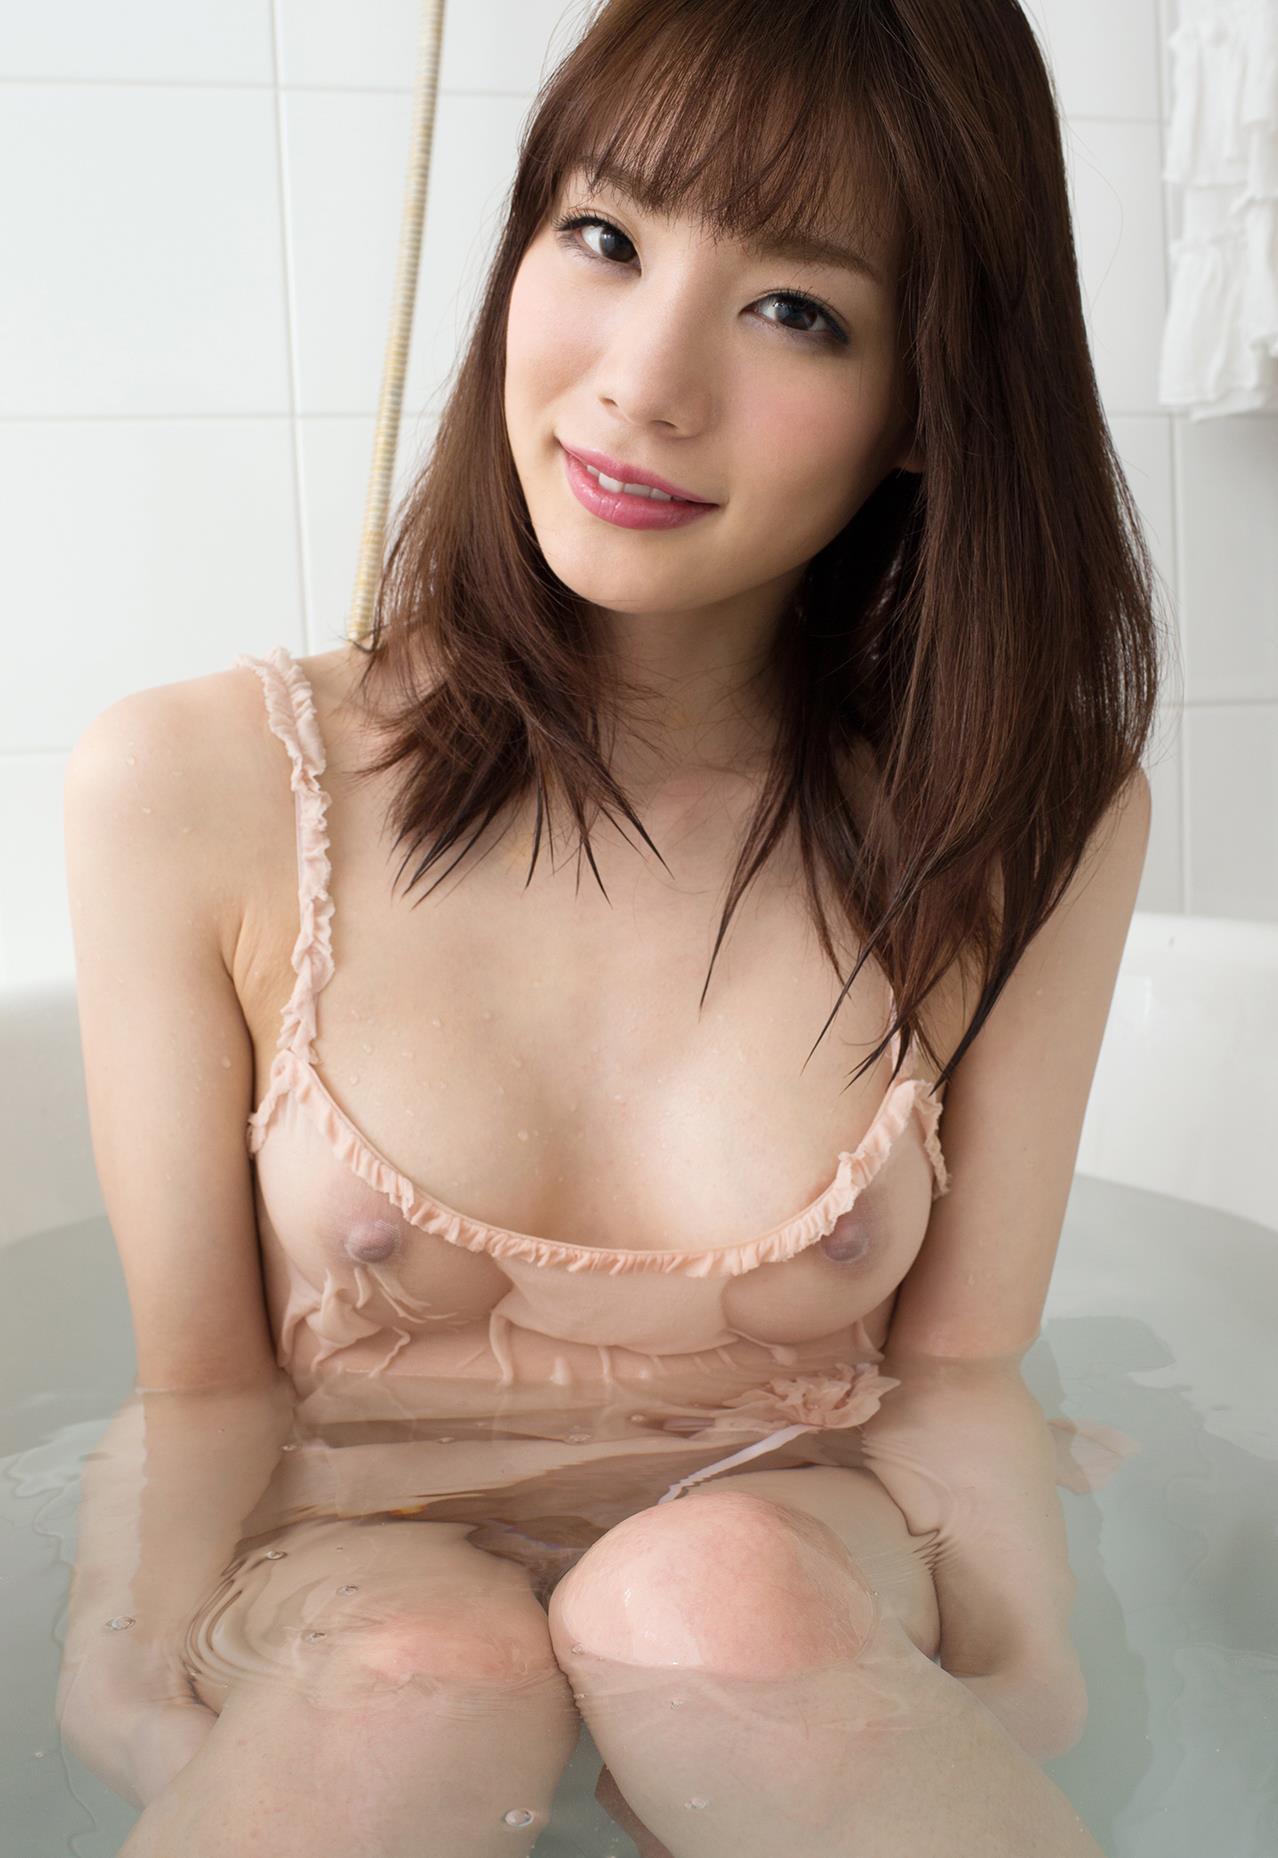 鈴村あいり 画像 107